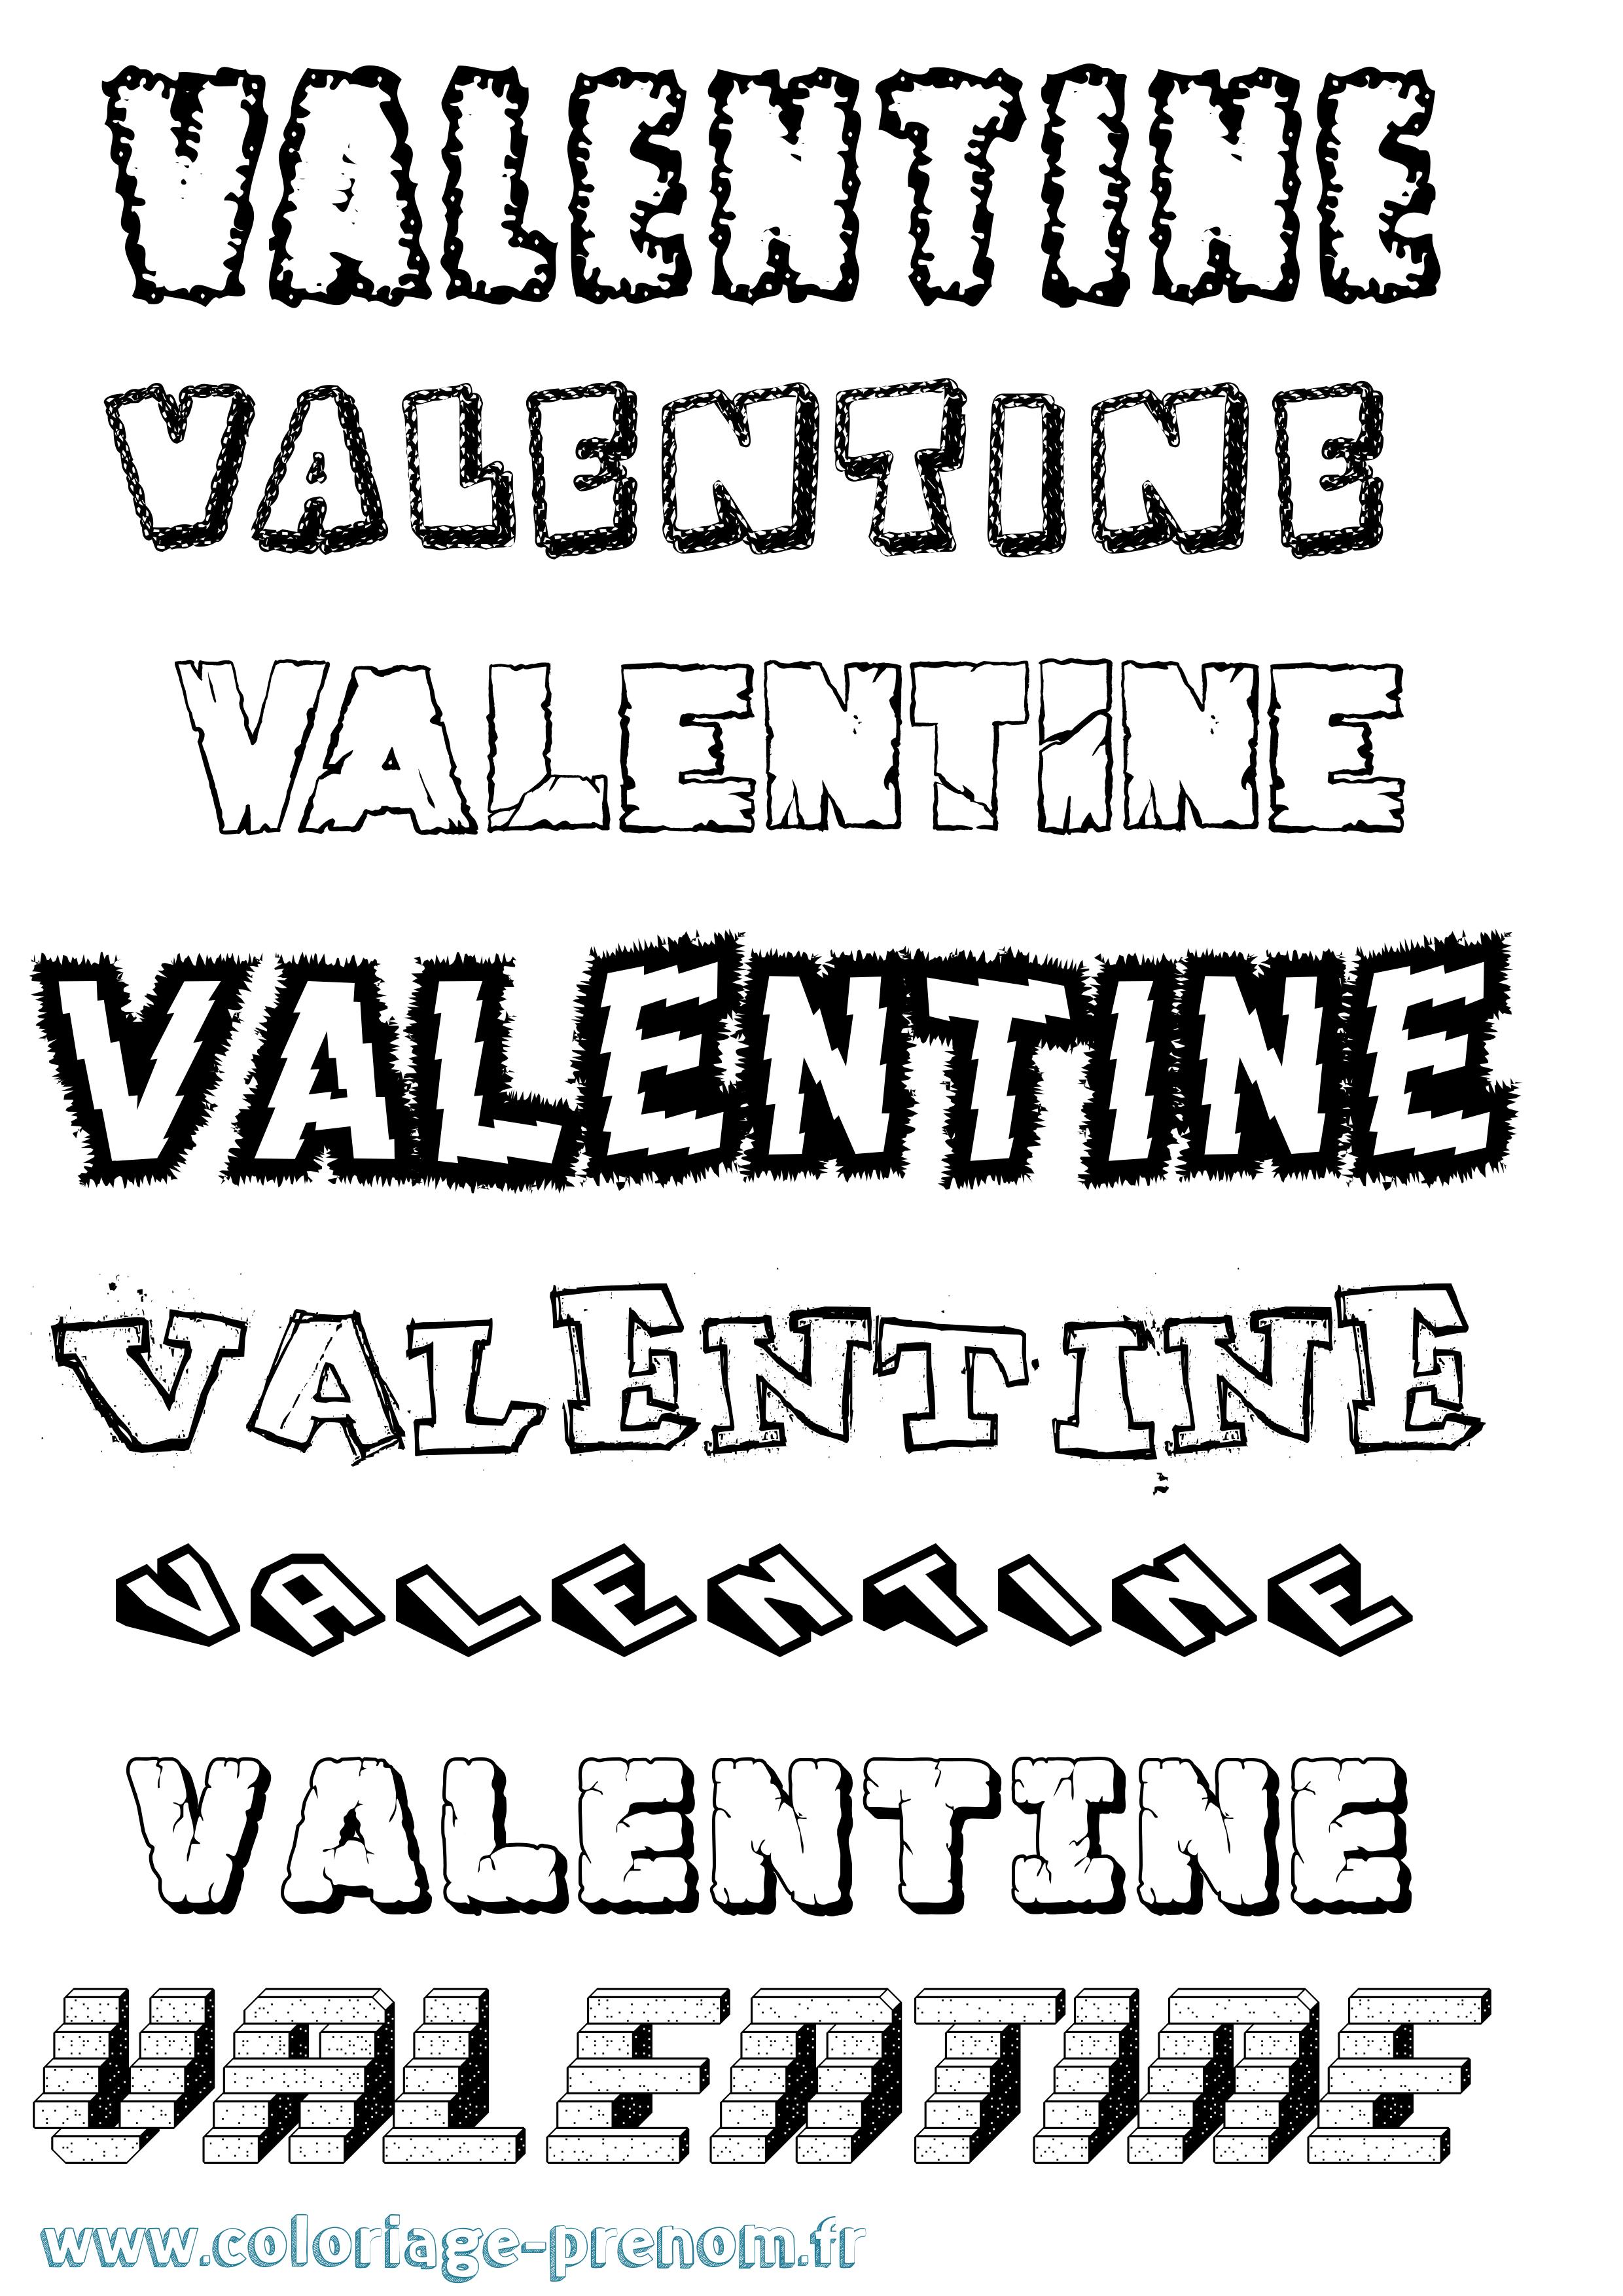 Coloriage du prénom Valentine : à Imprimer ou Télécharger ...